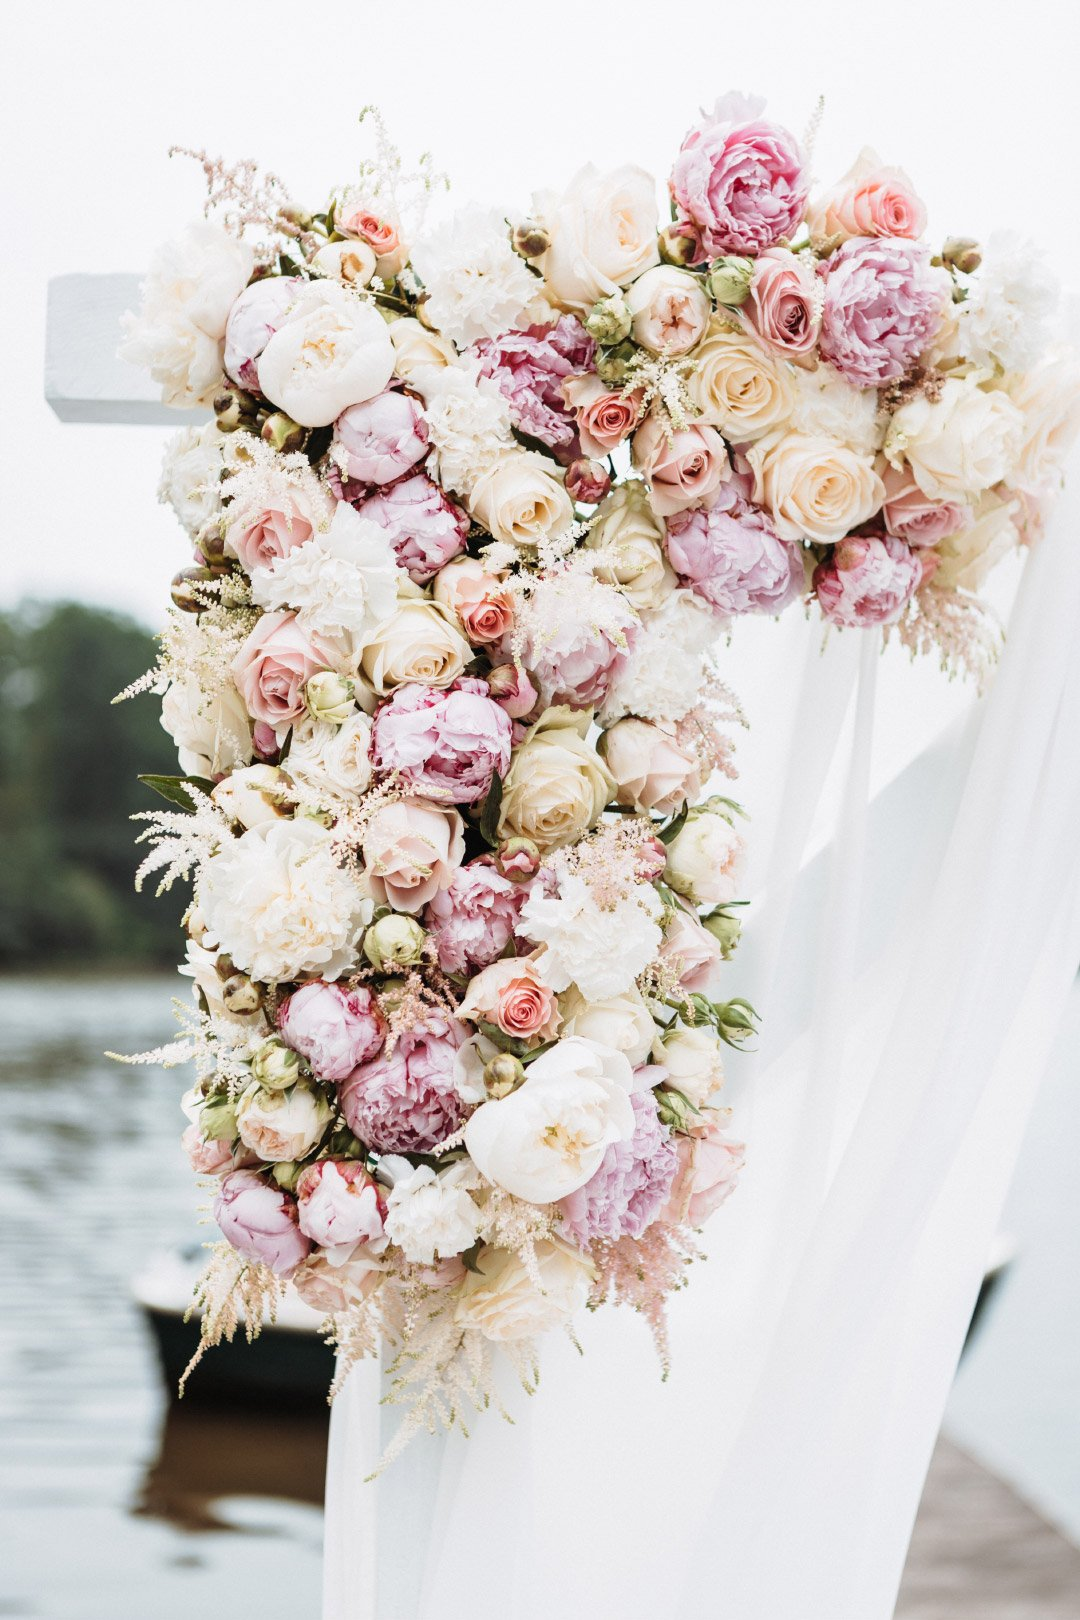 Viele Blumen in Blush, Rose und Pastell am Traubogen